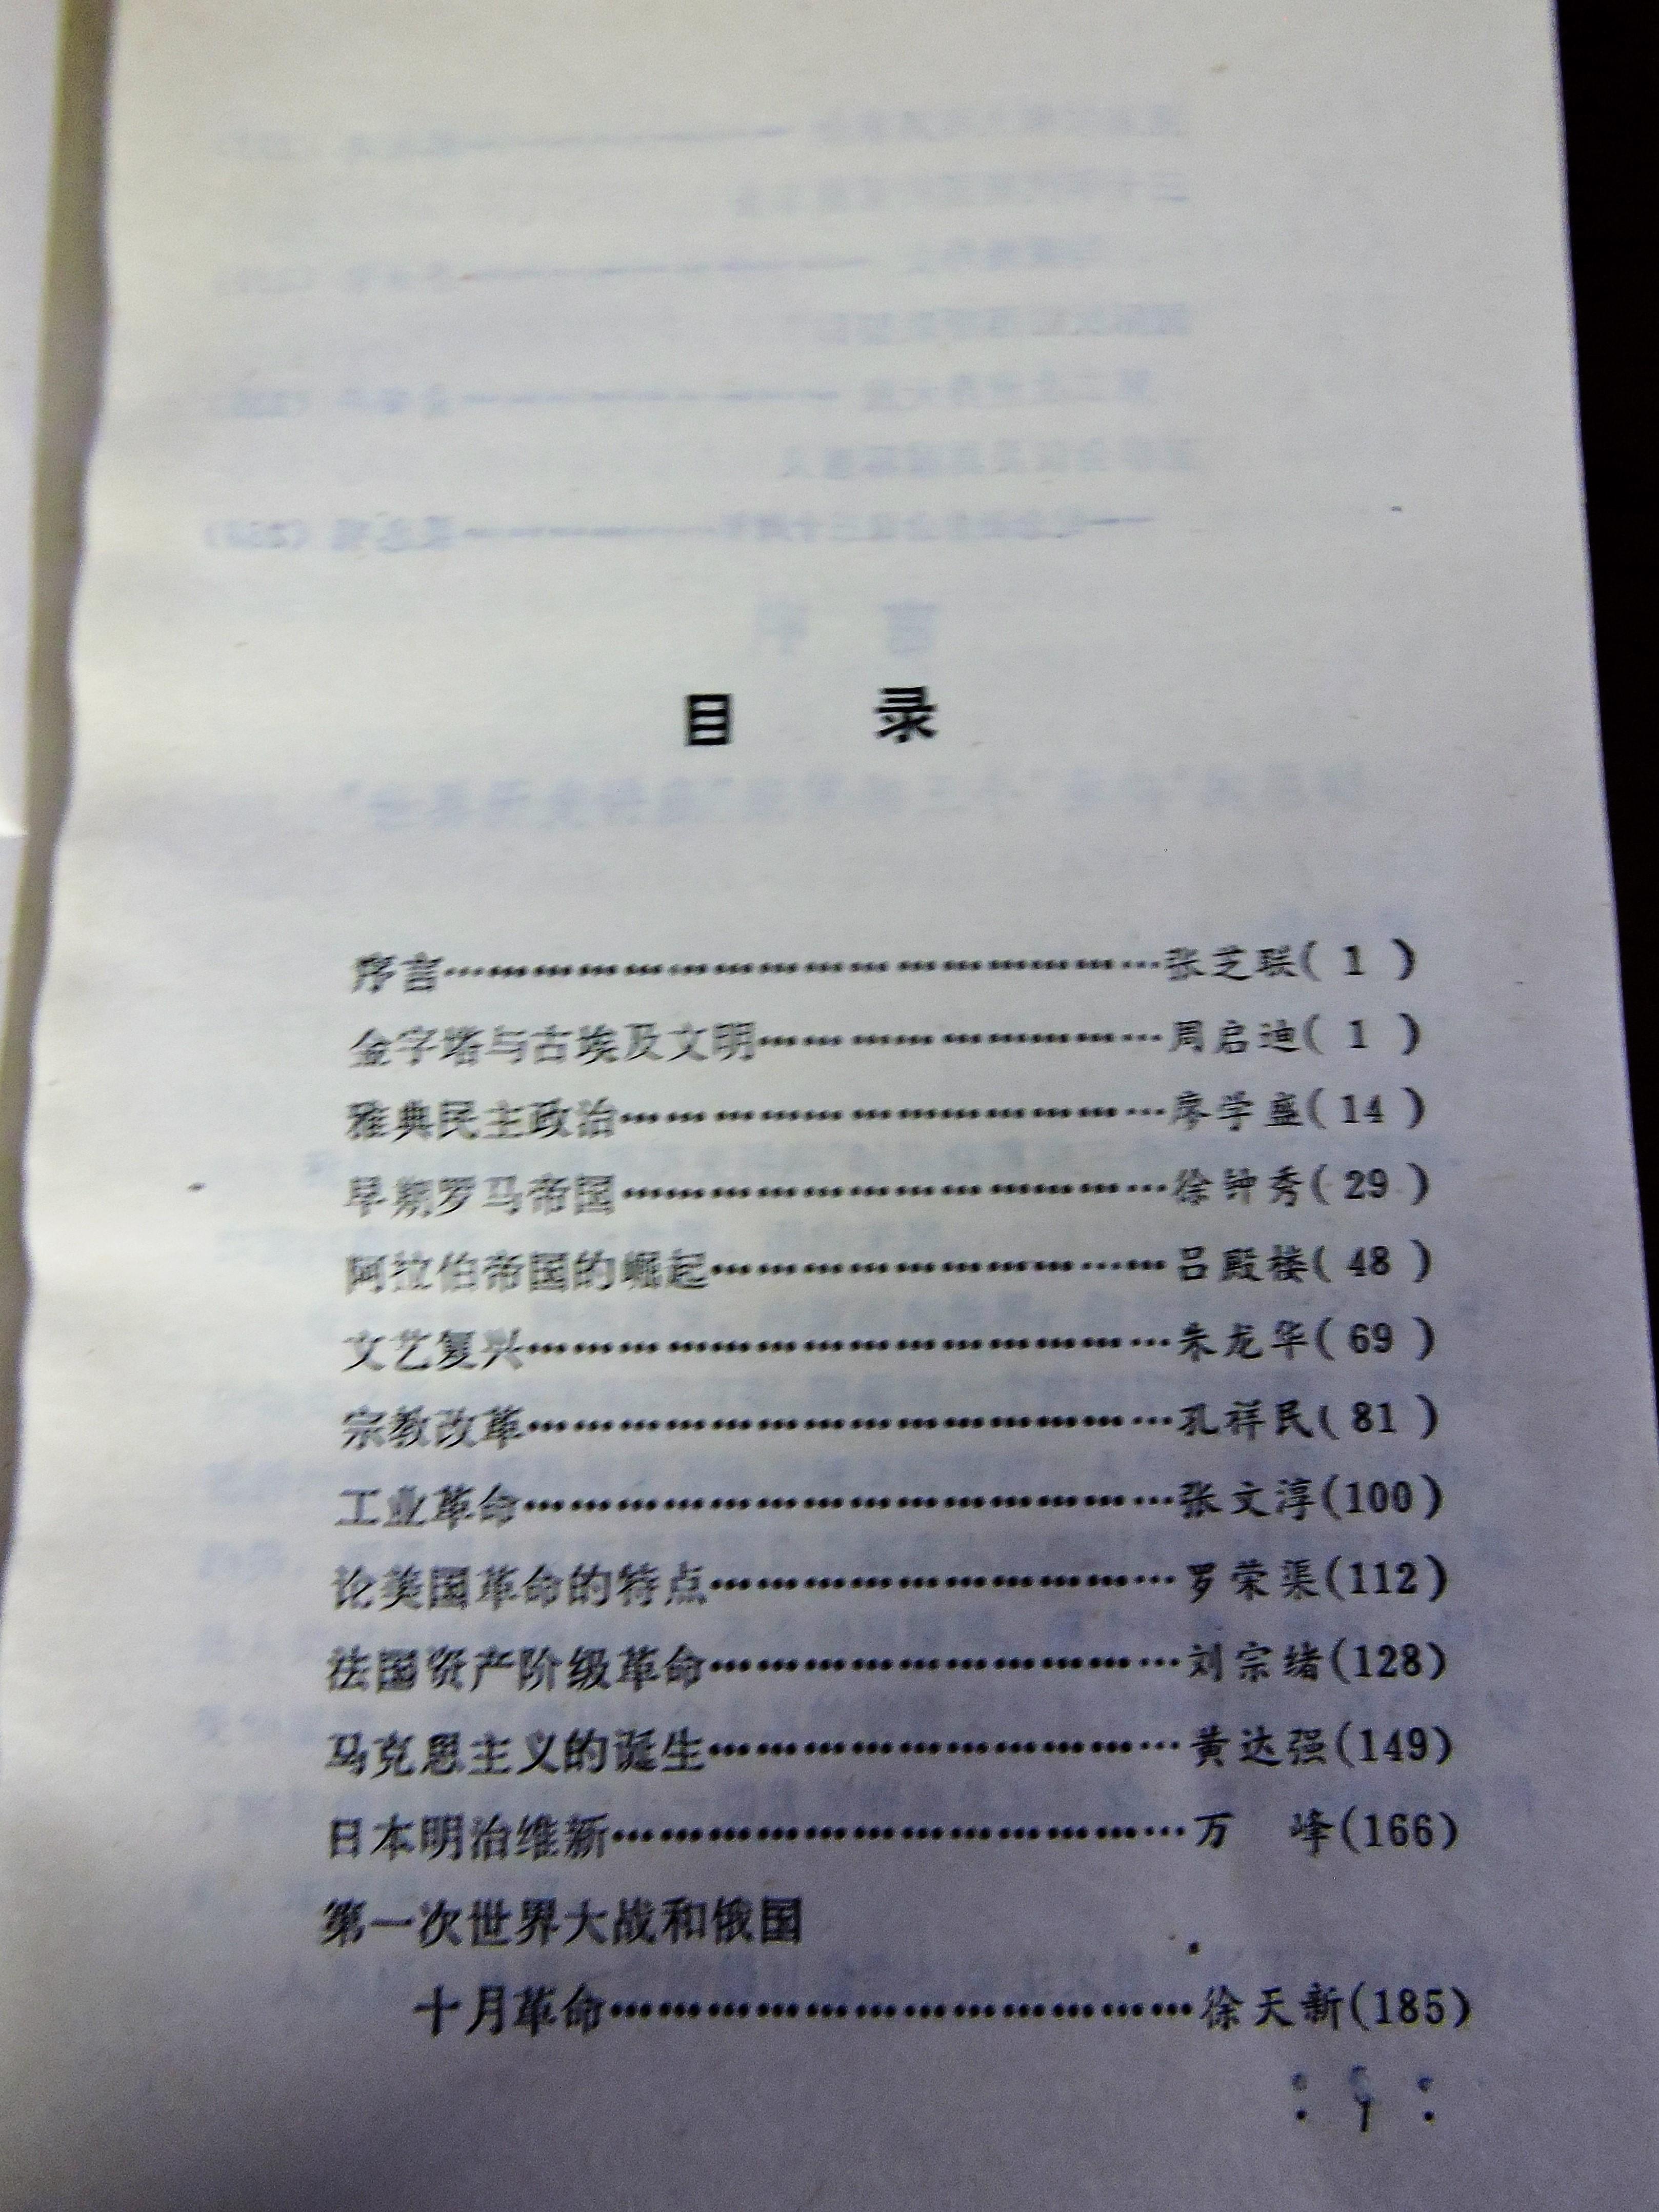 6 DSCN8519.jpg